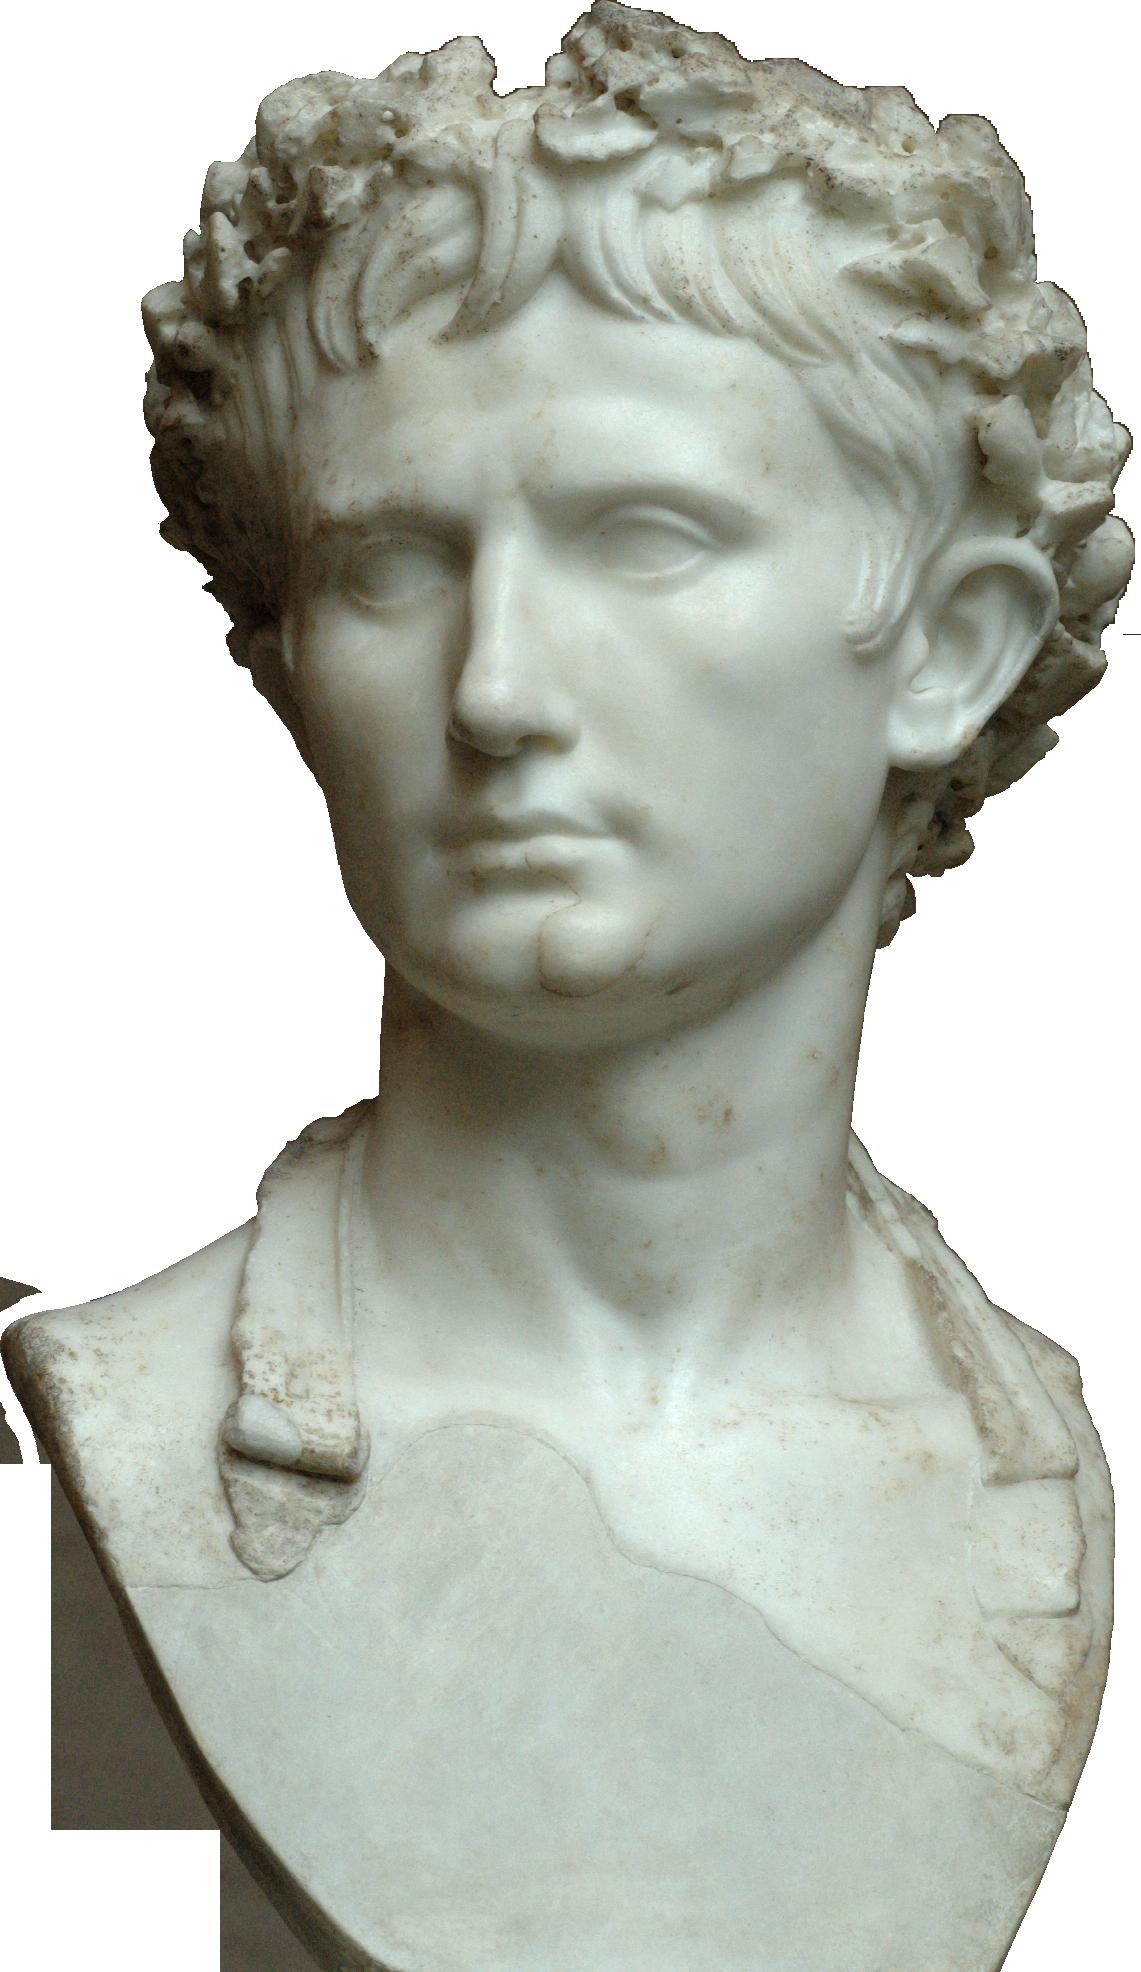 File:Bust of the Augus... Octavius Julius Caesar